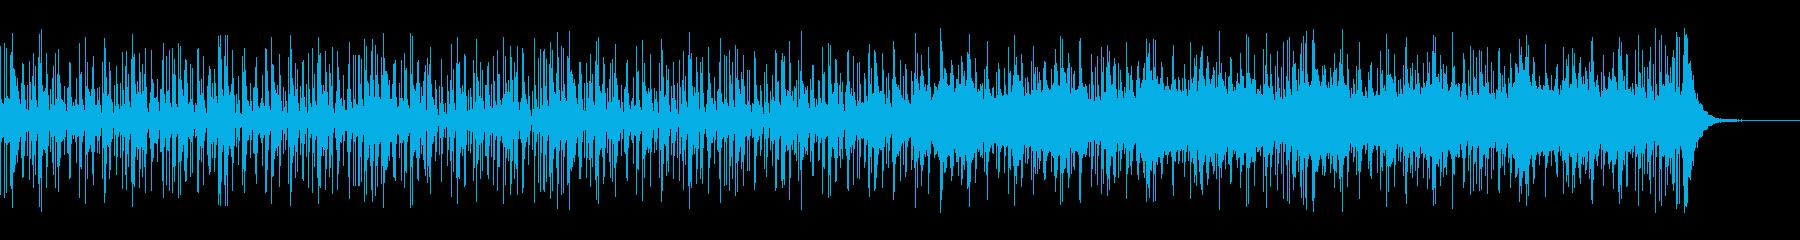 ヒップホップグルーブに合わせてタッ...の再生済みの波形